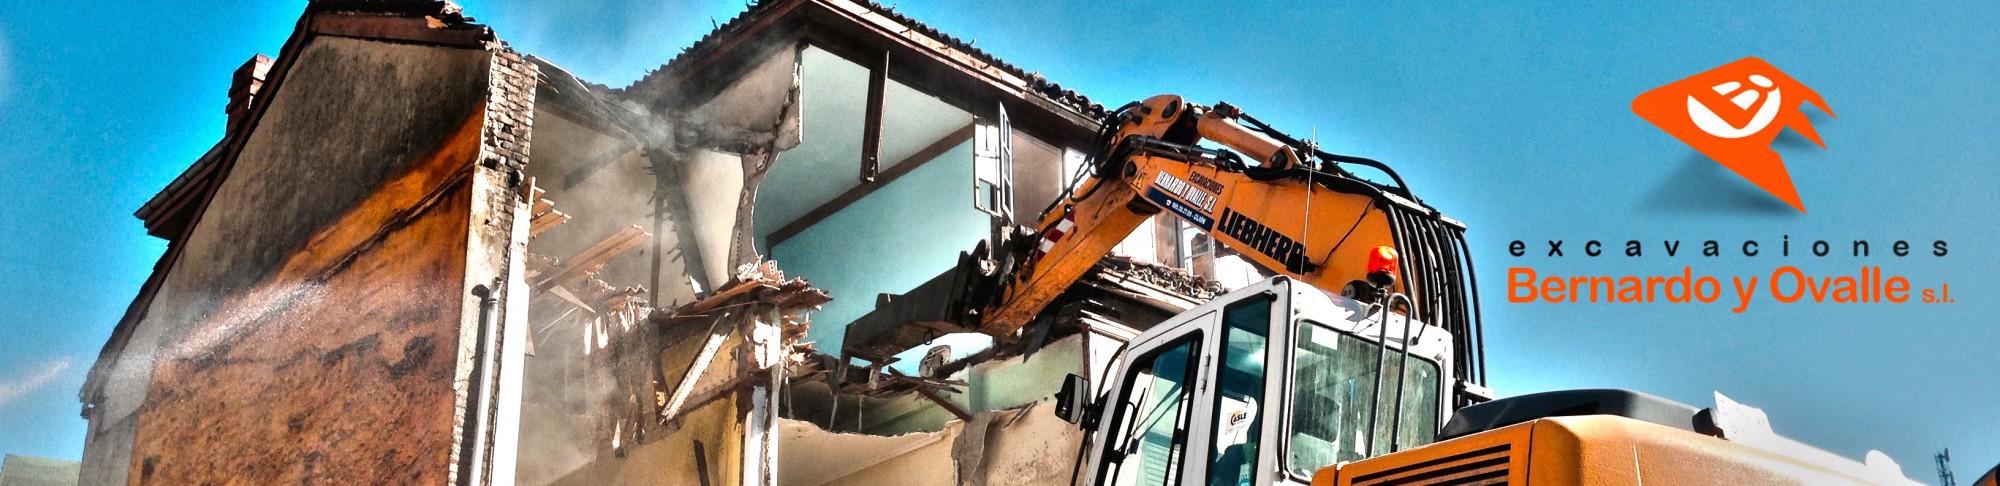 Excavaciones Bernardo y Ovalle S.L.